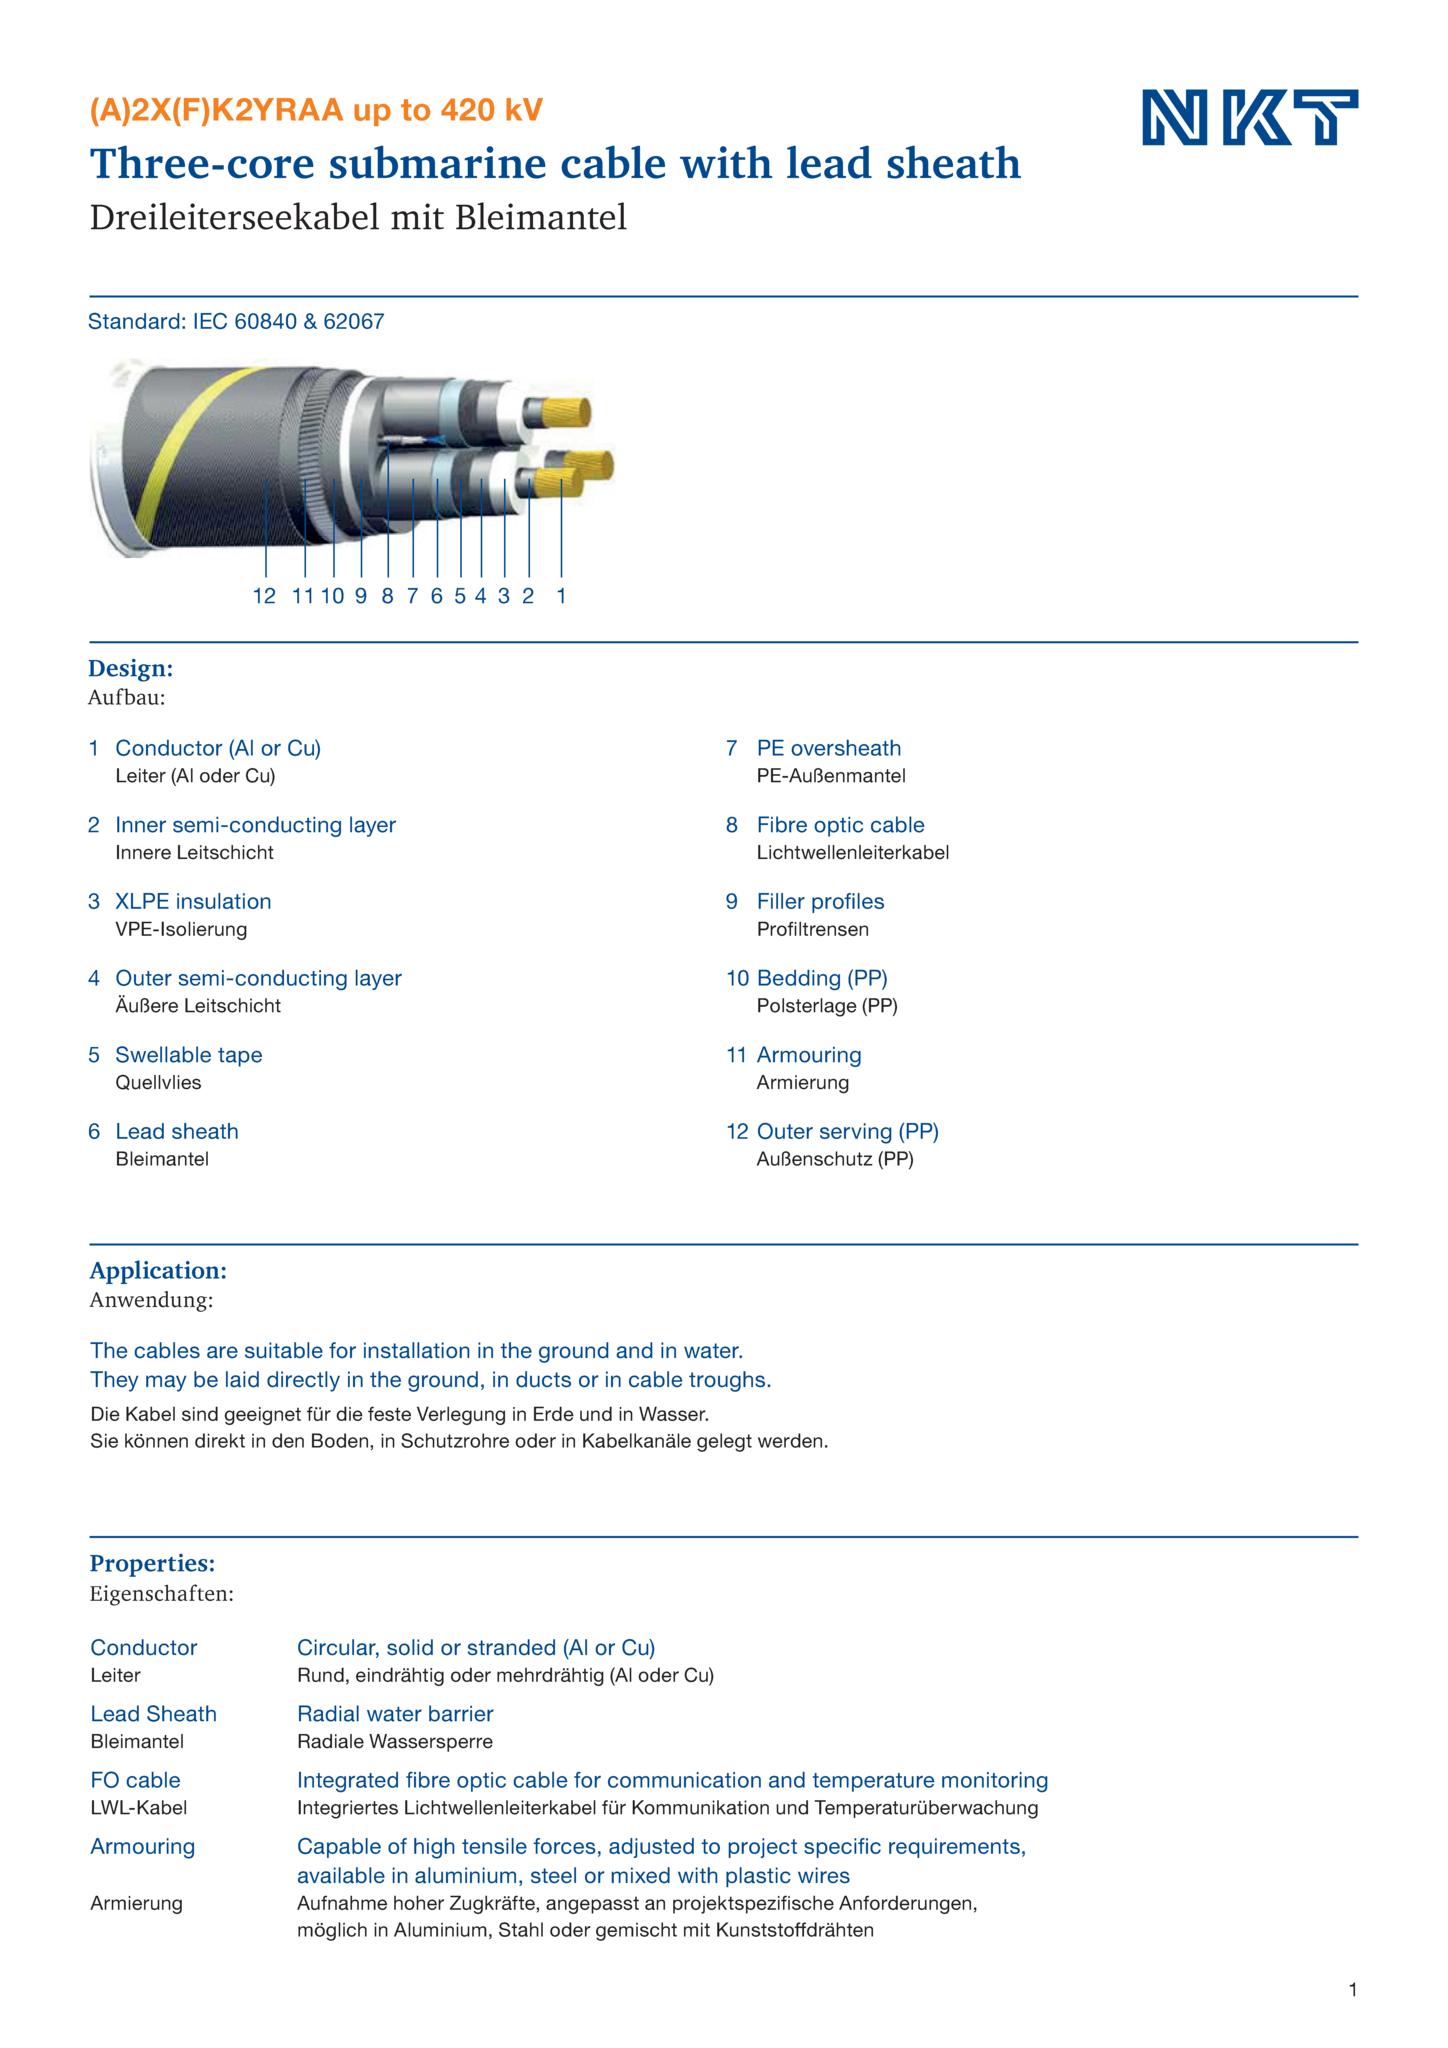 A_2X_F_K2YRAA_420_kV_DS_EN_DE.pdf